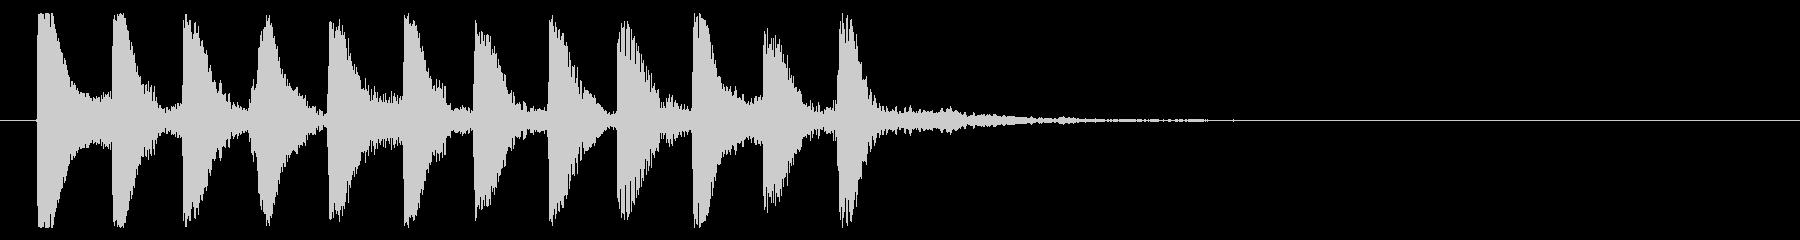 8ビット風システム音-16-2_revの未再生の波形